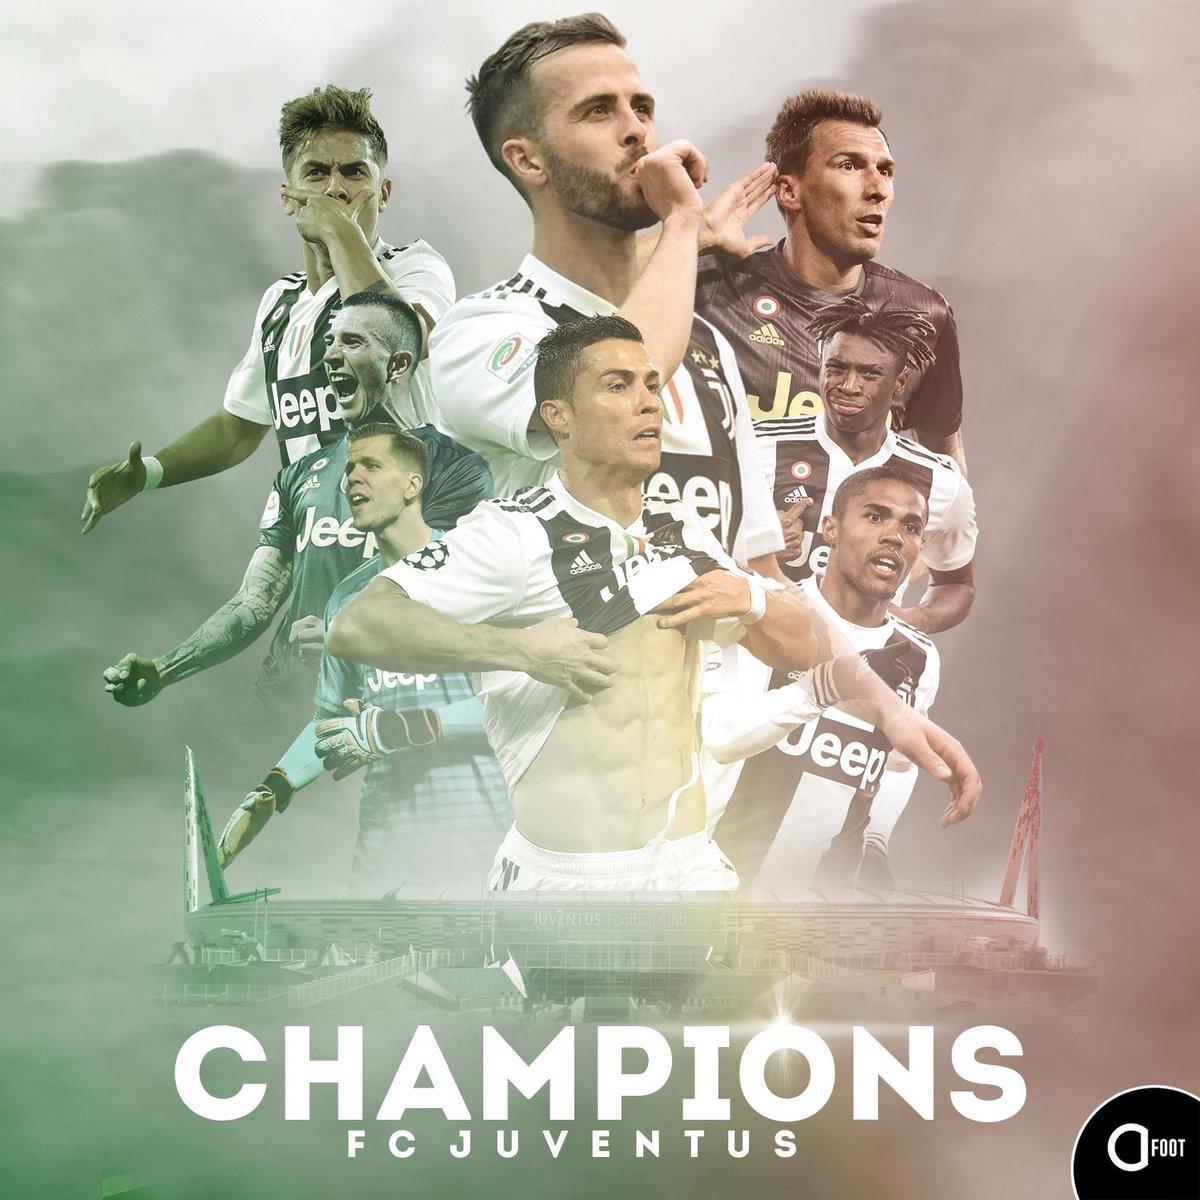 Actu Foot's photo on La Juventus